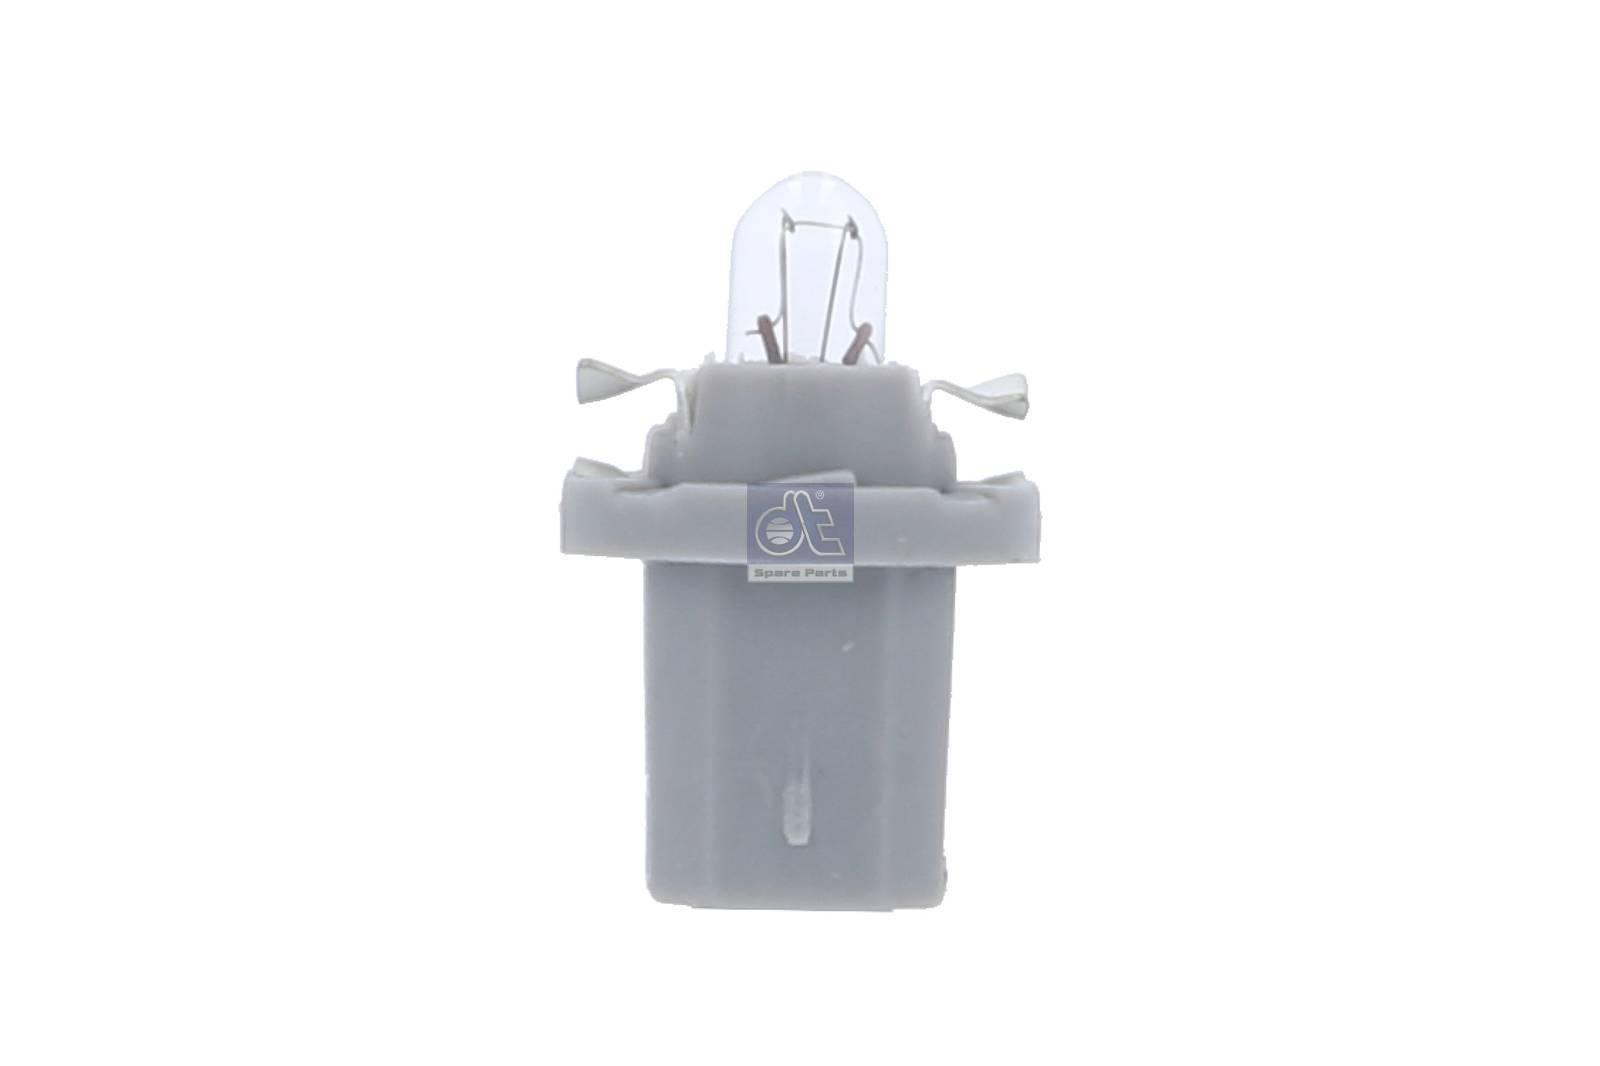 Kunststoffsockellampe grauer Sockel 24V / 1,2W